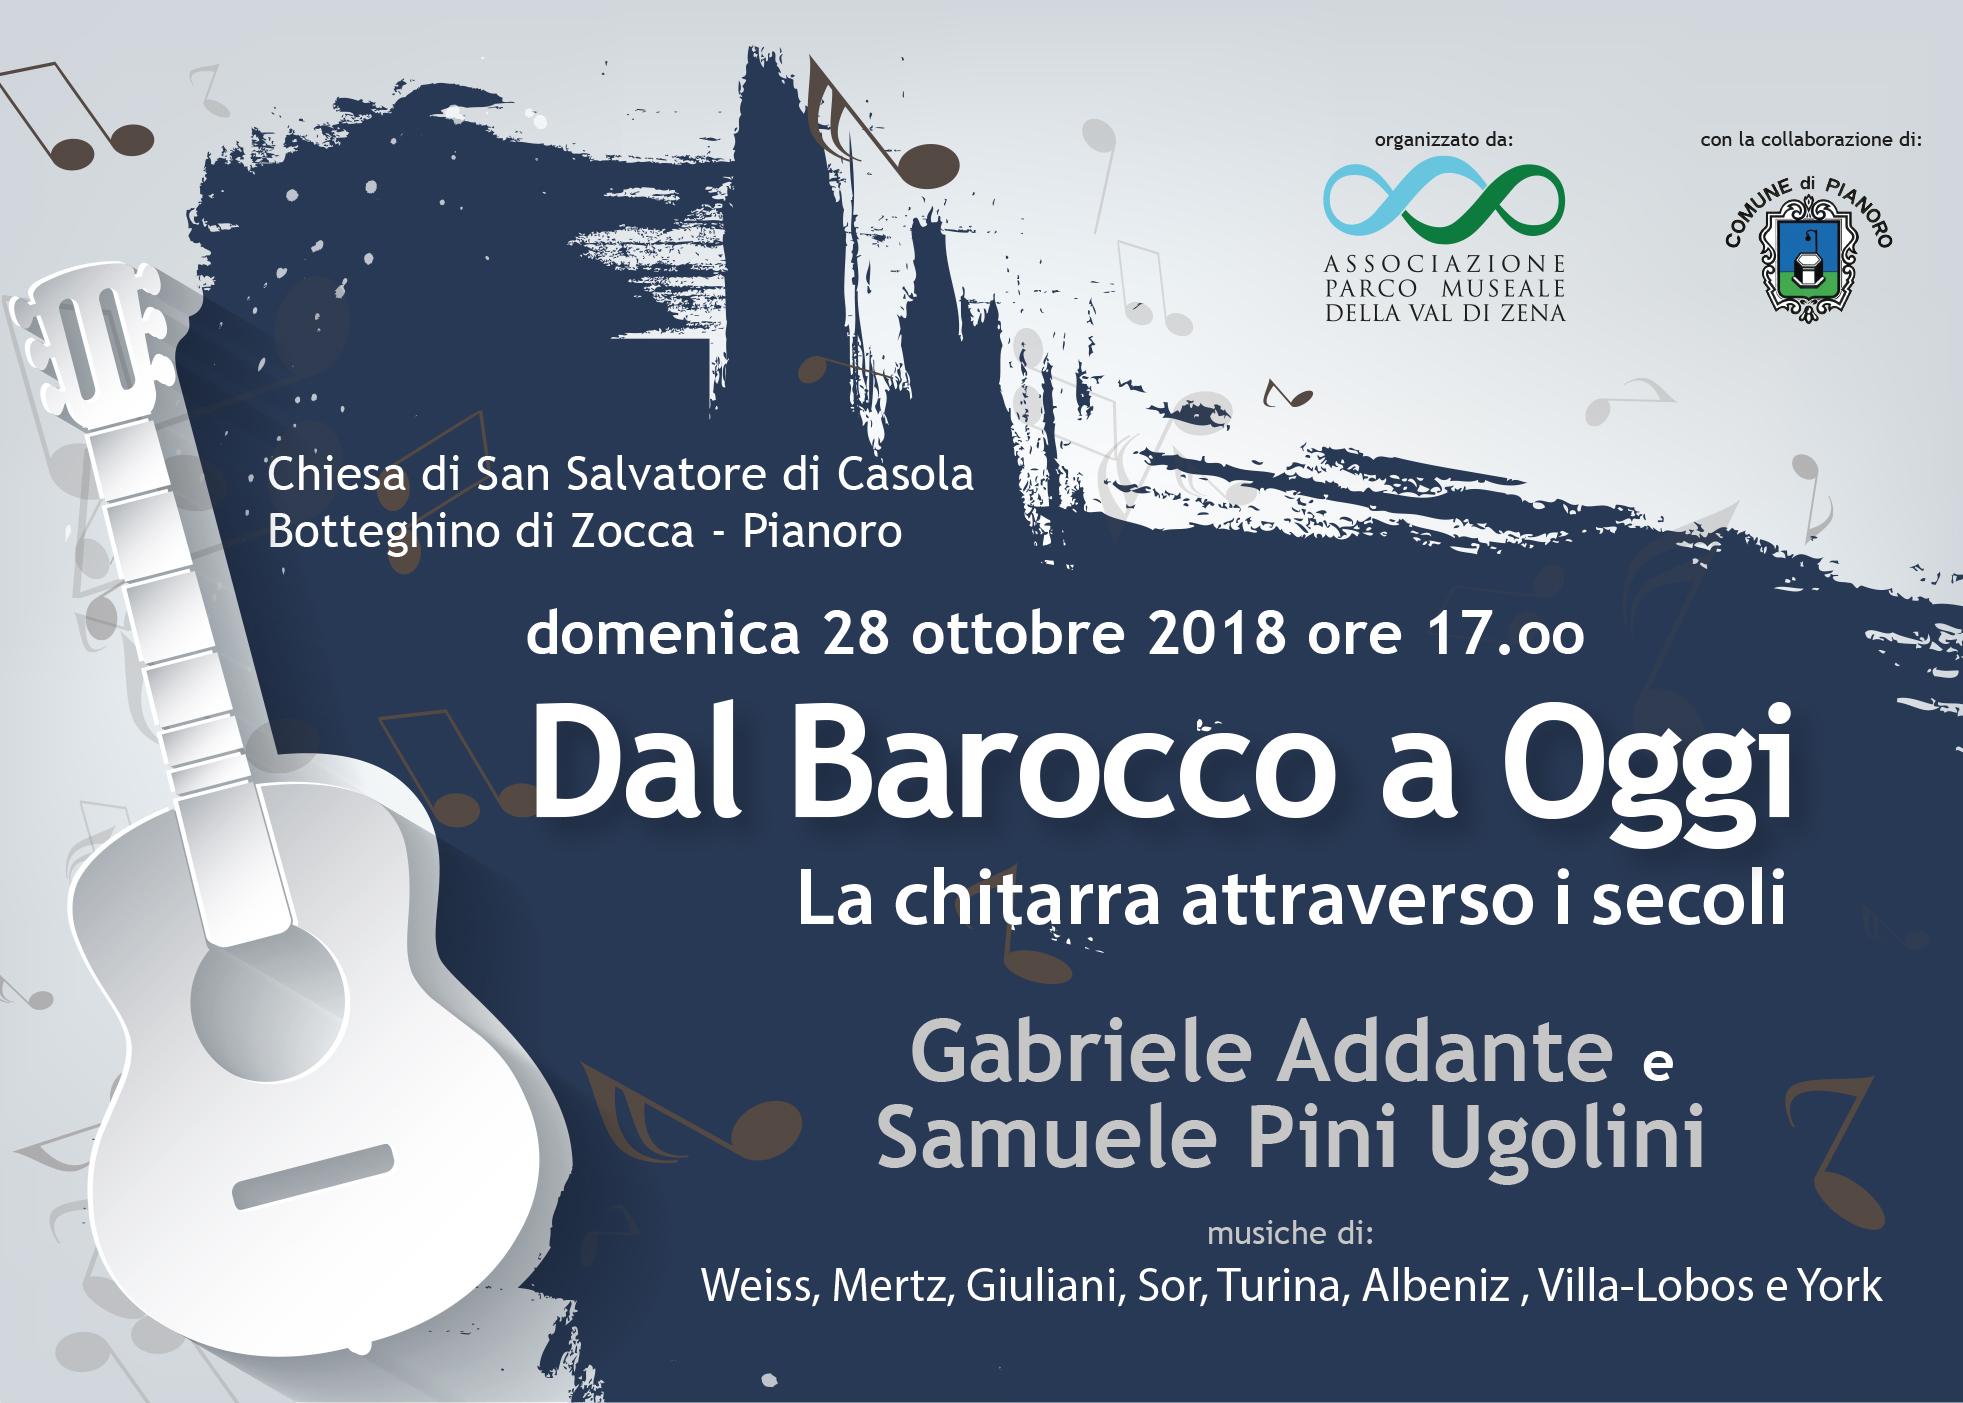 28 Ottobre 2018 Dal Barocco a Oggi.  La chitarra attraverso i secoli